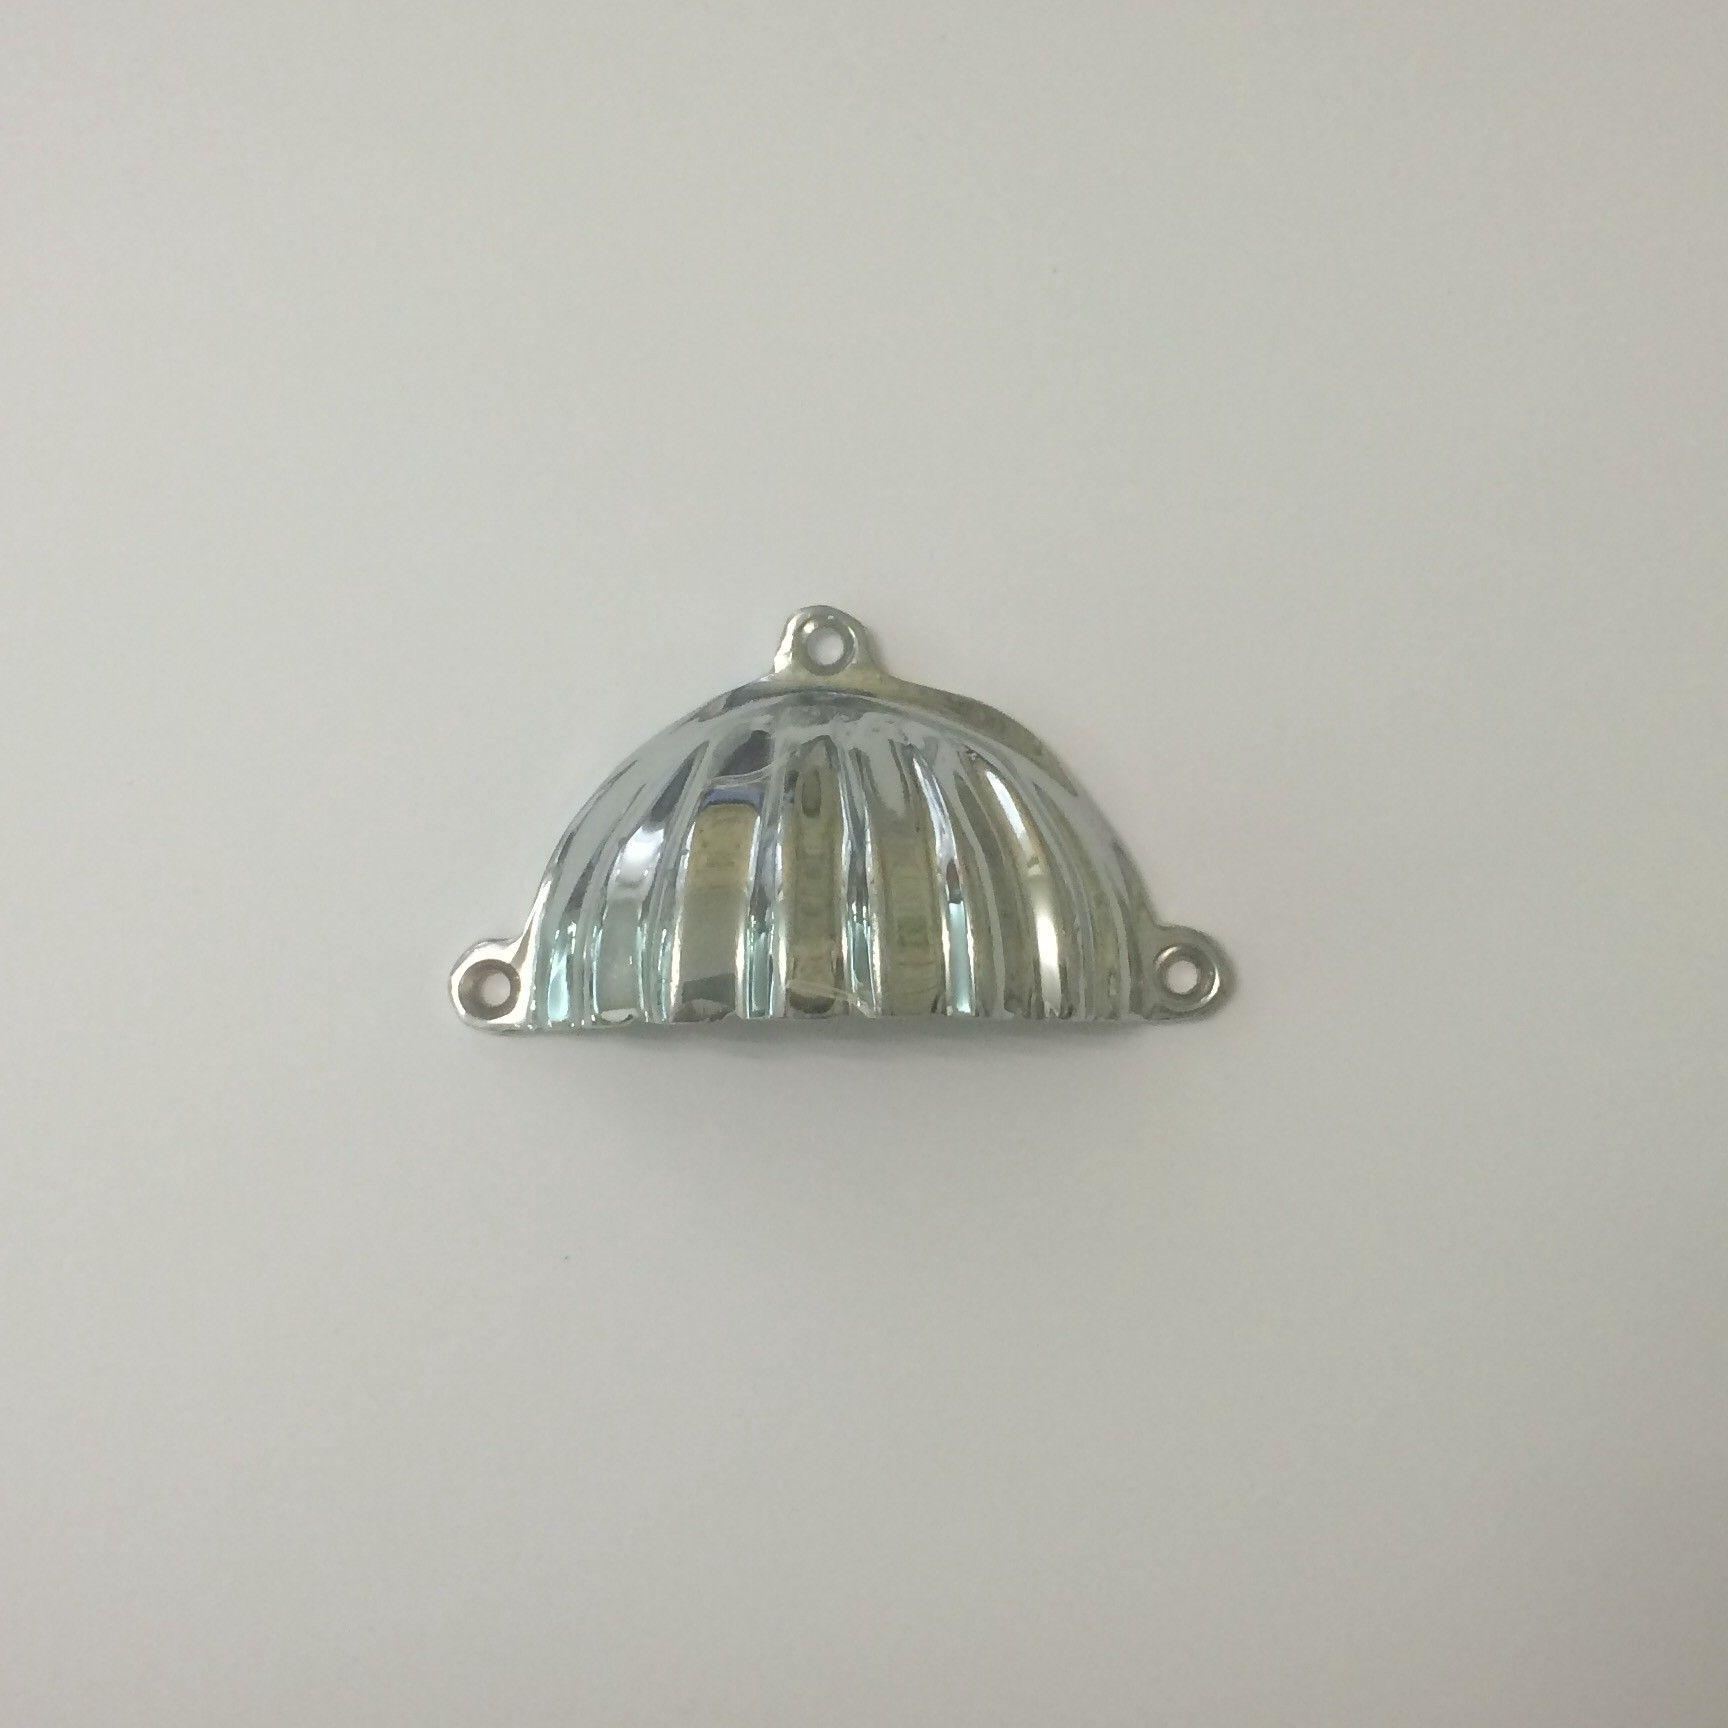 Tirador de asa en forma de concha en cromo brillo.  Medidas aproximadas del tirador: 9 cm. de ancho y 5,5 cm. de alto  Dispone de tres tornillos.